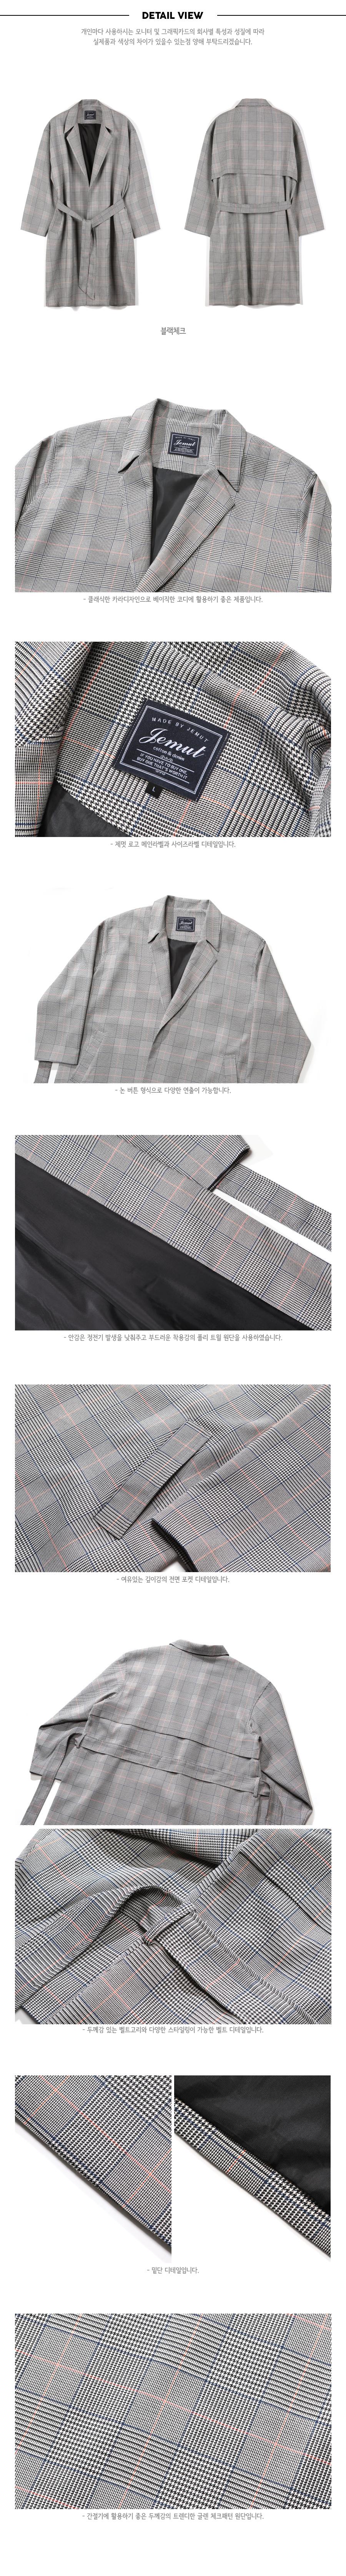 [제멋] 오버핏 로브코트 3종 DMCT2105